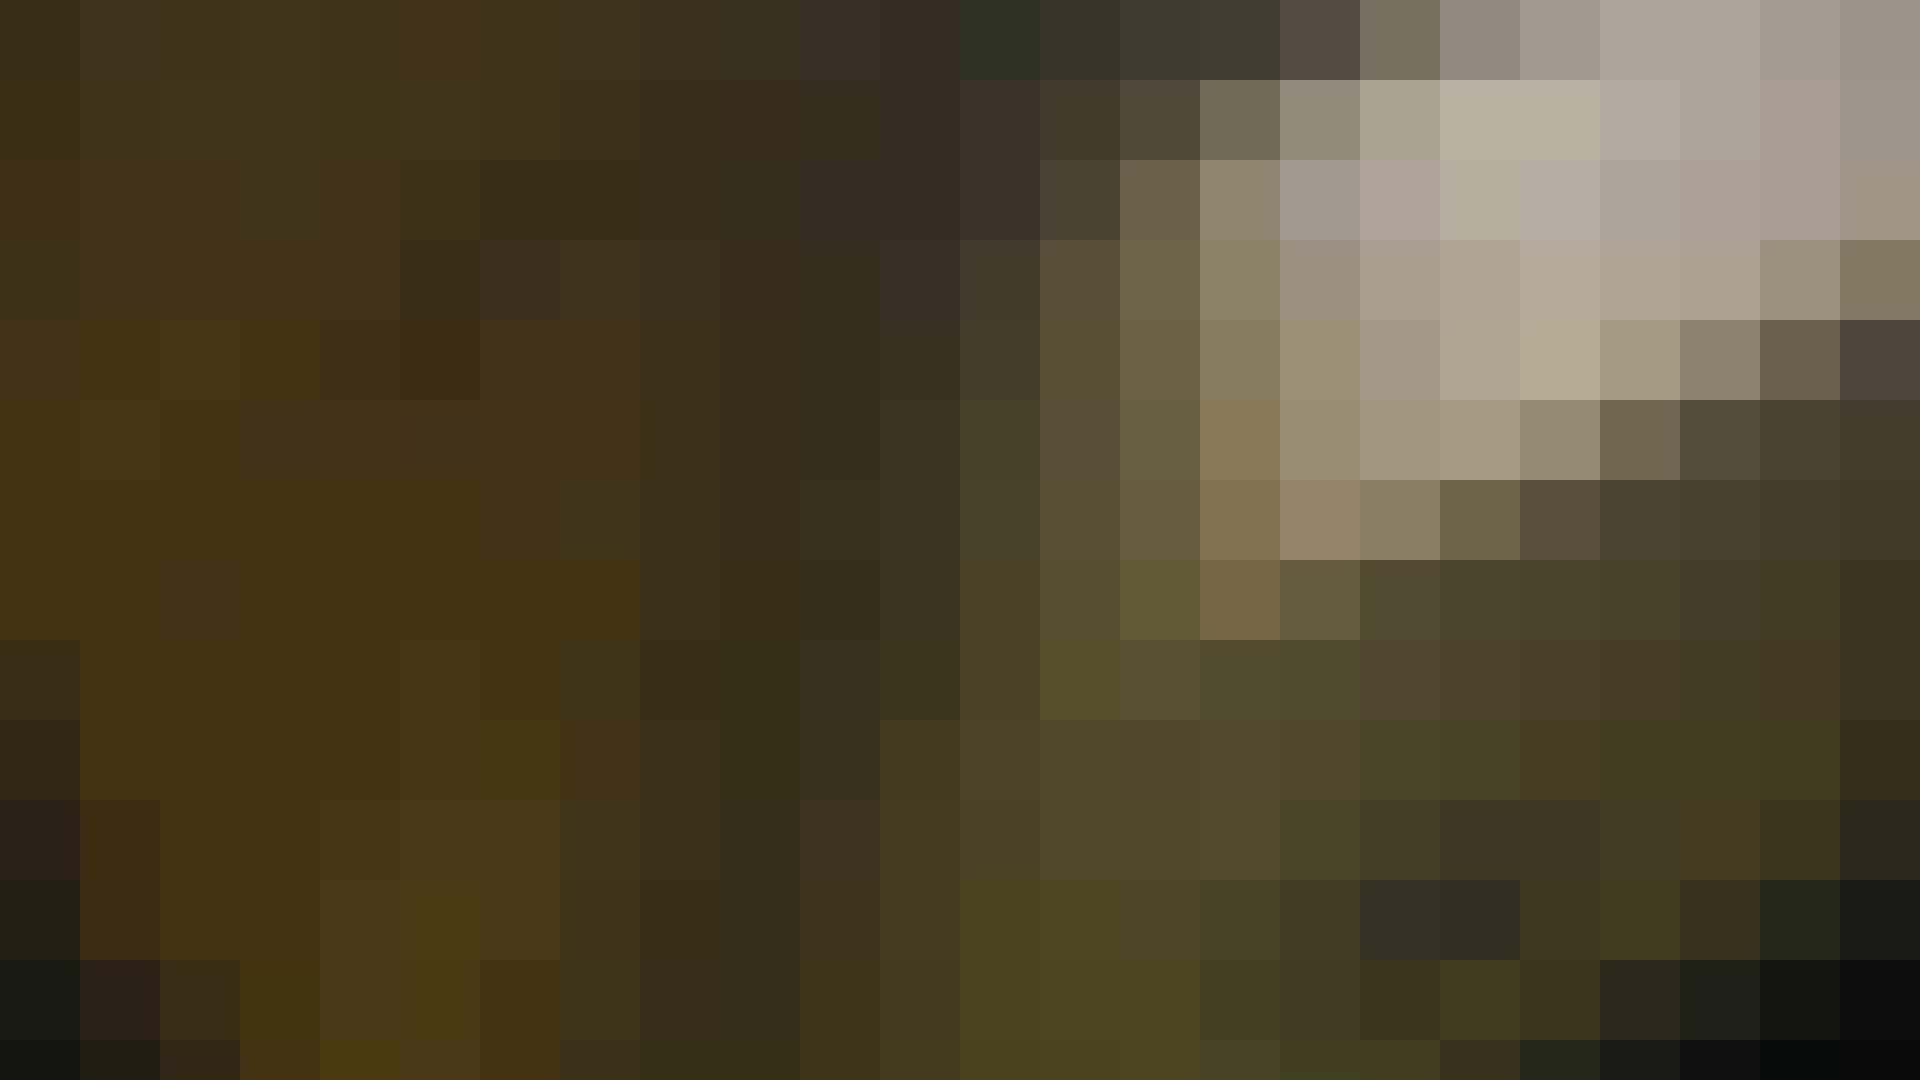 阿国ちゃんの「和式洋式七変化」No.18 iBO(フタコブ) エッチなお姉さん 性交動画流出 98画像 76